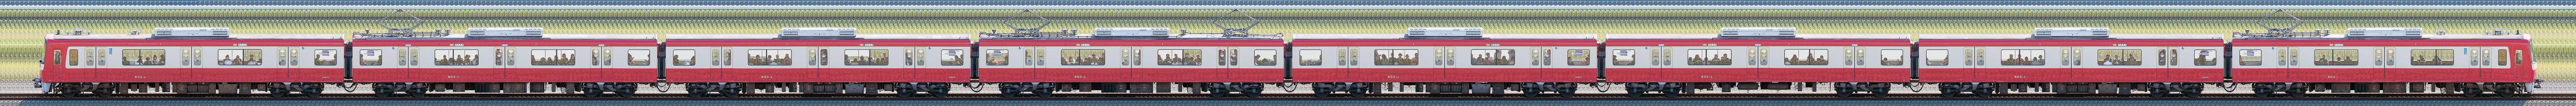 京急電鉄 600形(2次車)603編成(山側)の編成サイドビュー